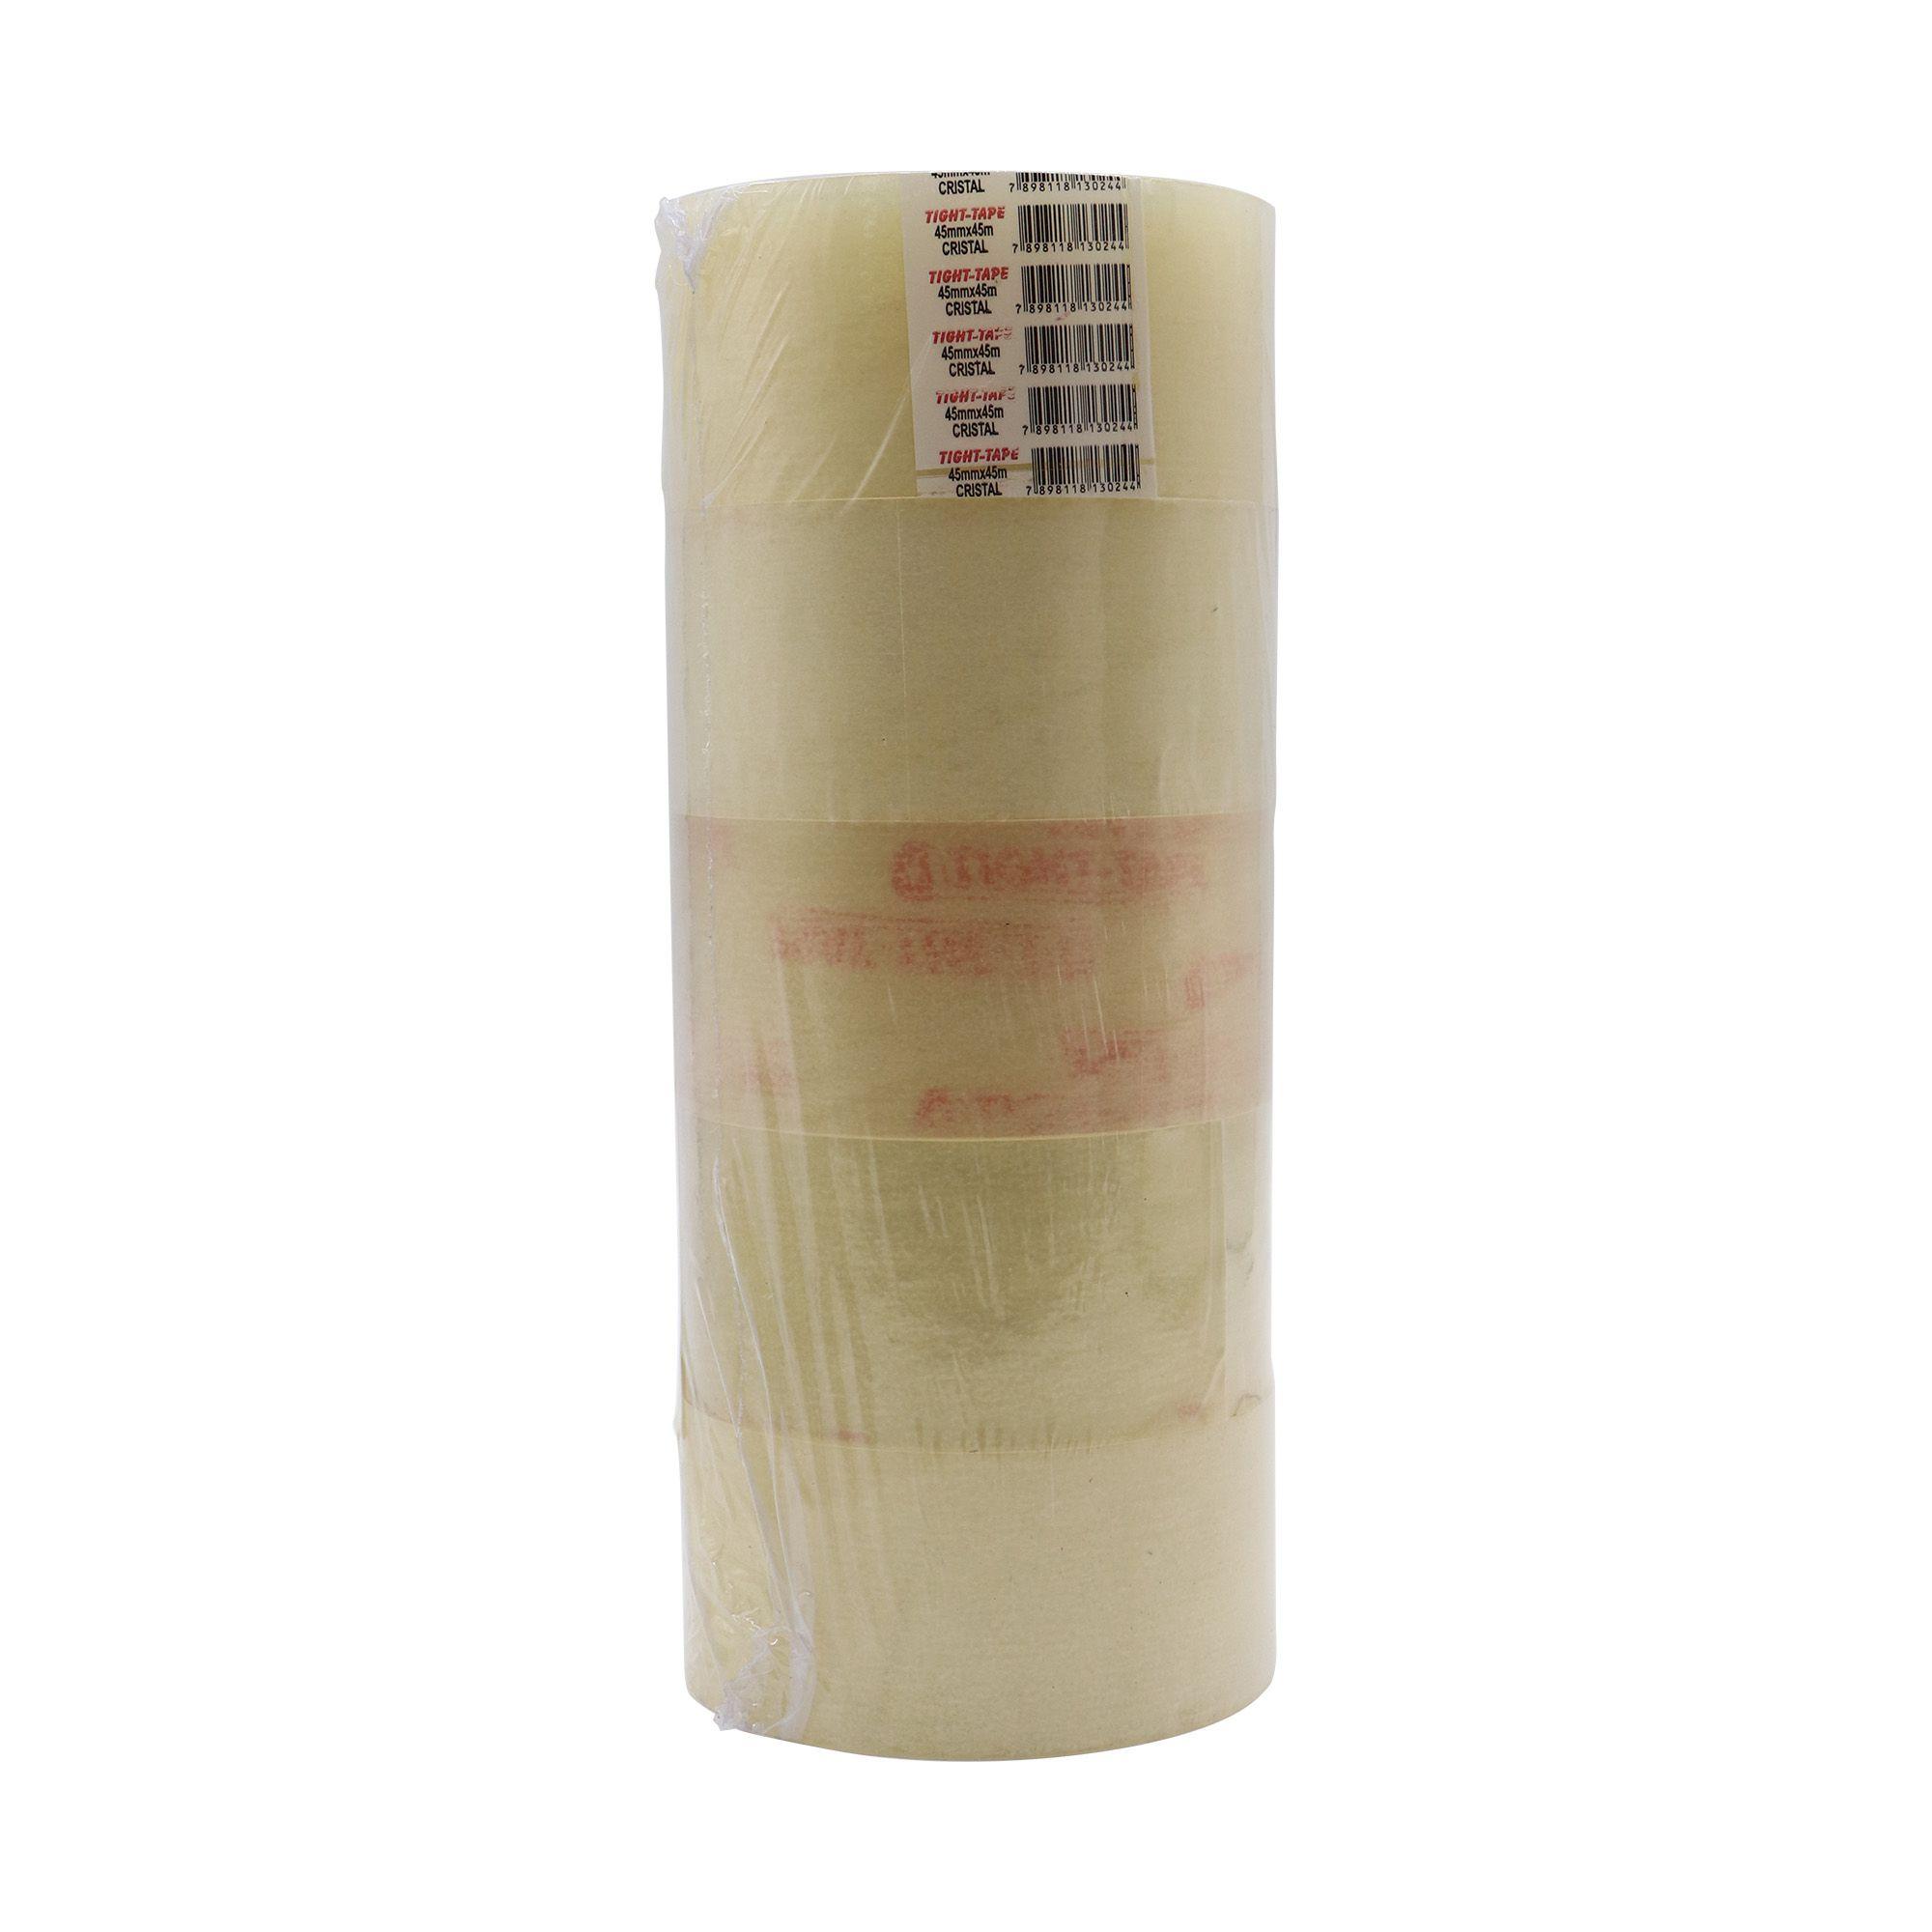 Fita Cristal para Embalagens - 45mmx45m